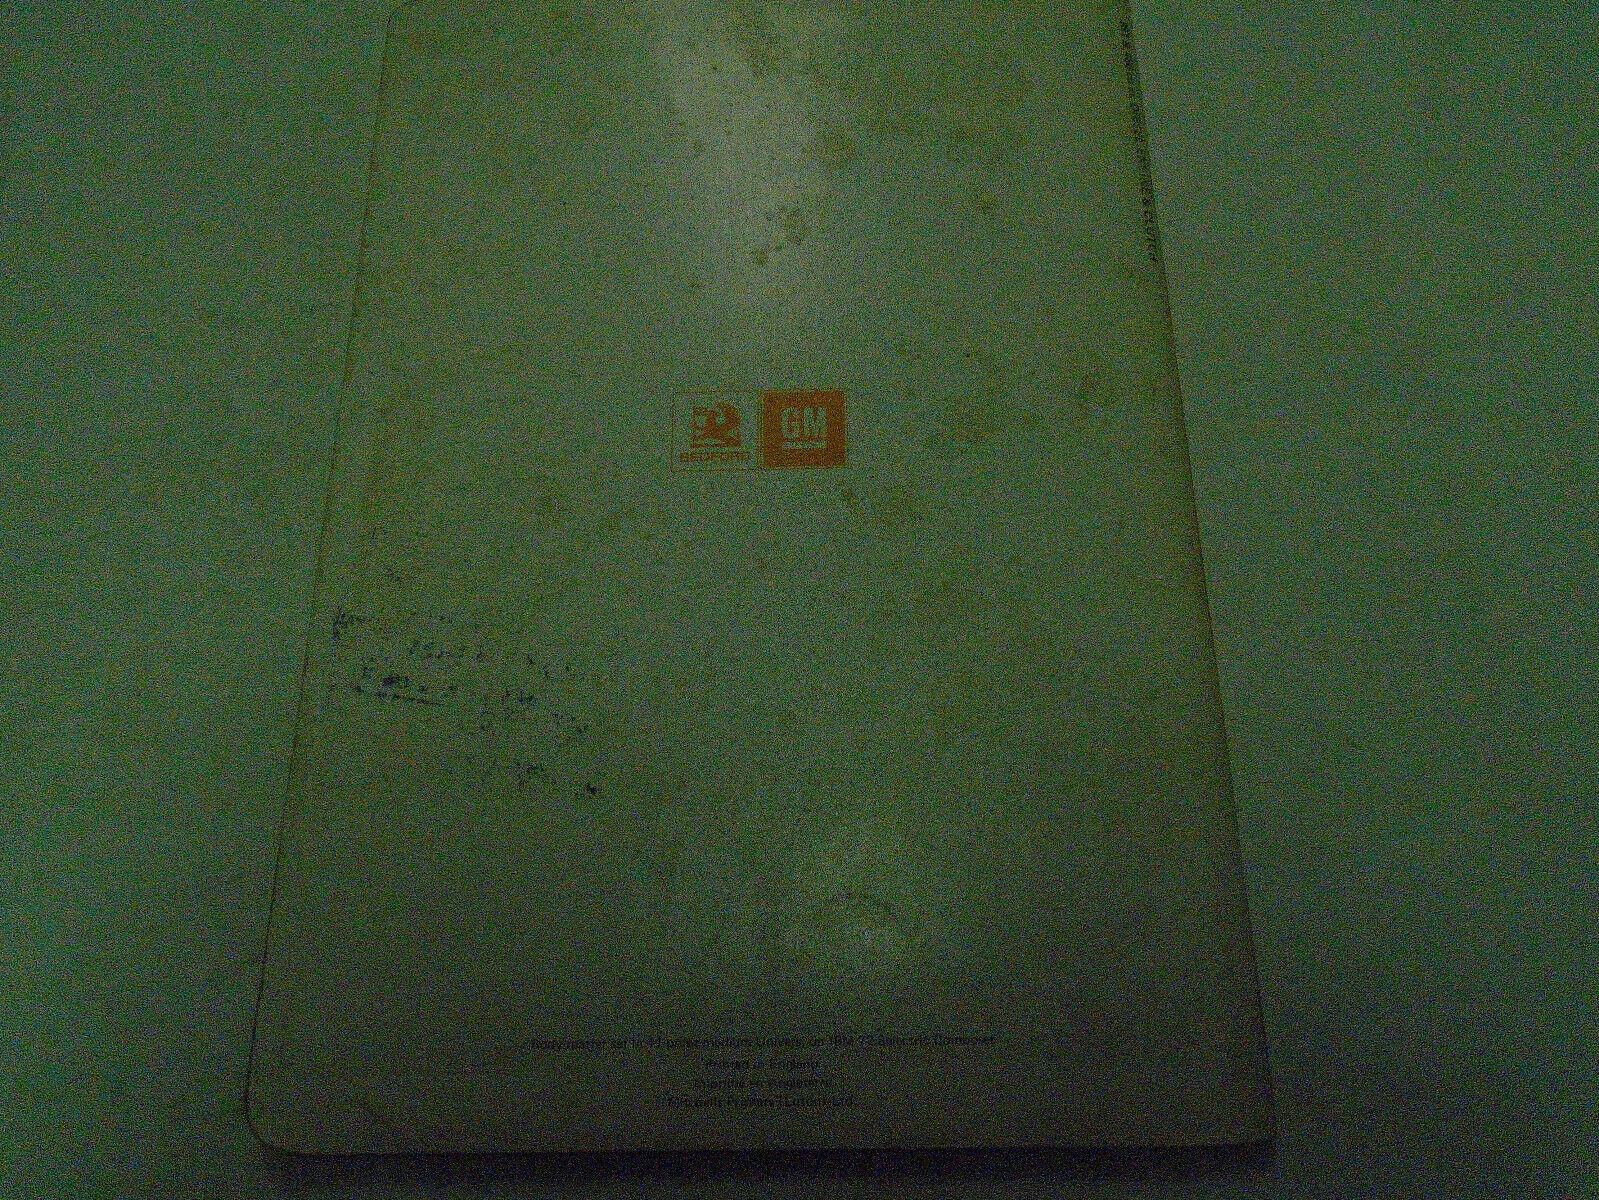 1971 GM 381 & 466 cu In Diesel Engine Clutch Service Repair Shop Training Manual image 7